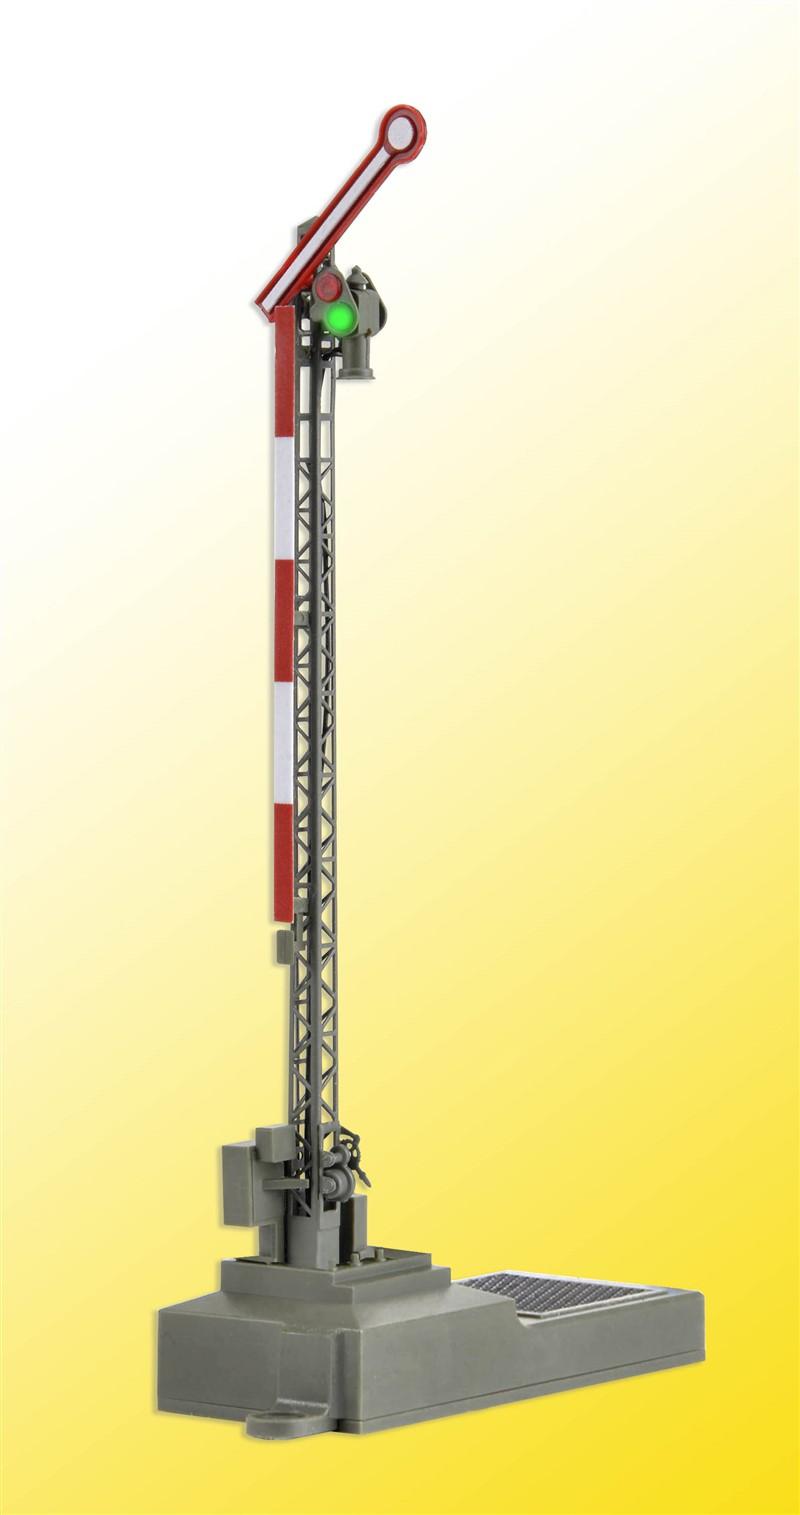 einflügelig, Höhe 72mm